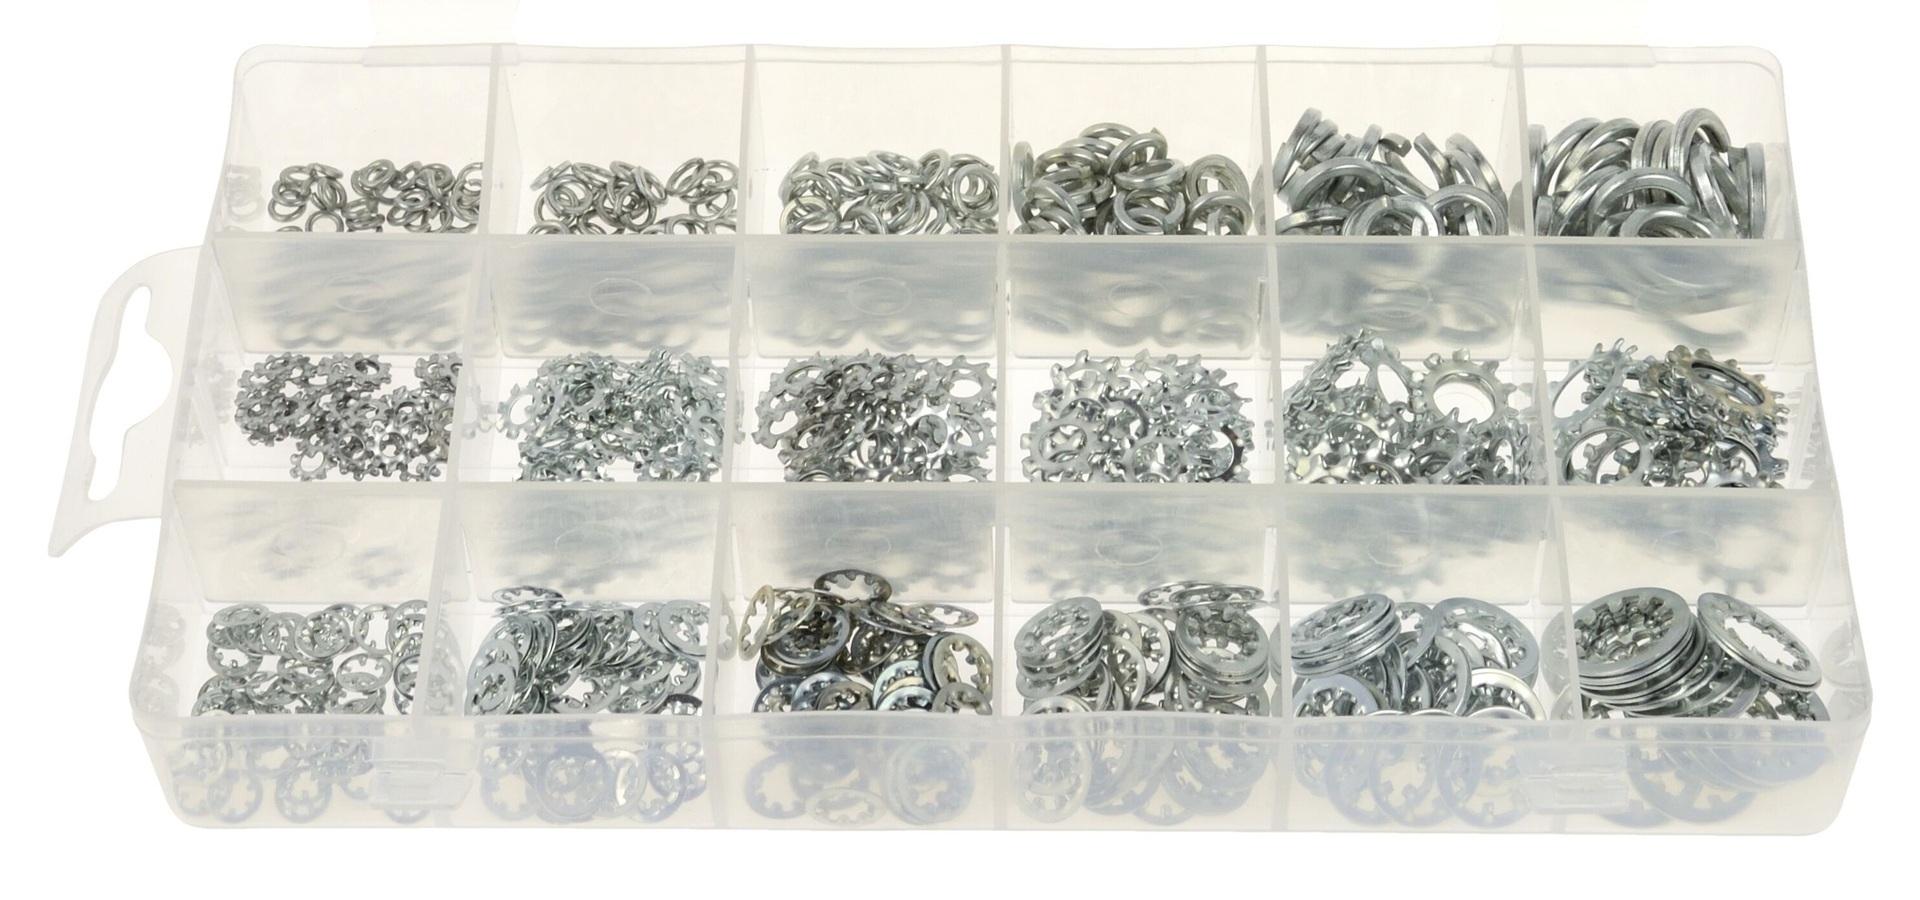 Podložky pružné - pérovky a vějířovité, různé rozměry, pozinkované, sada 720 kusů